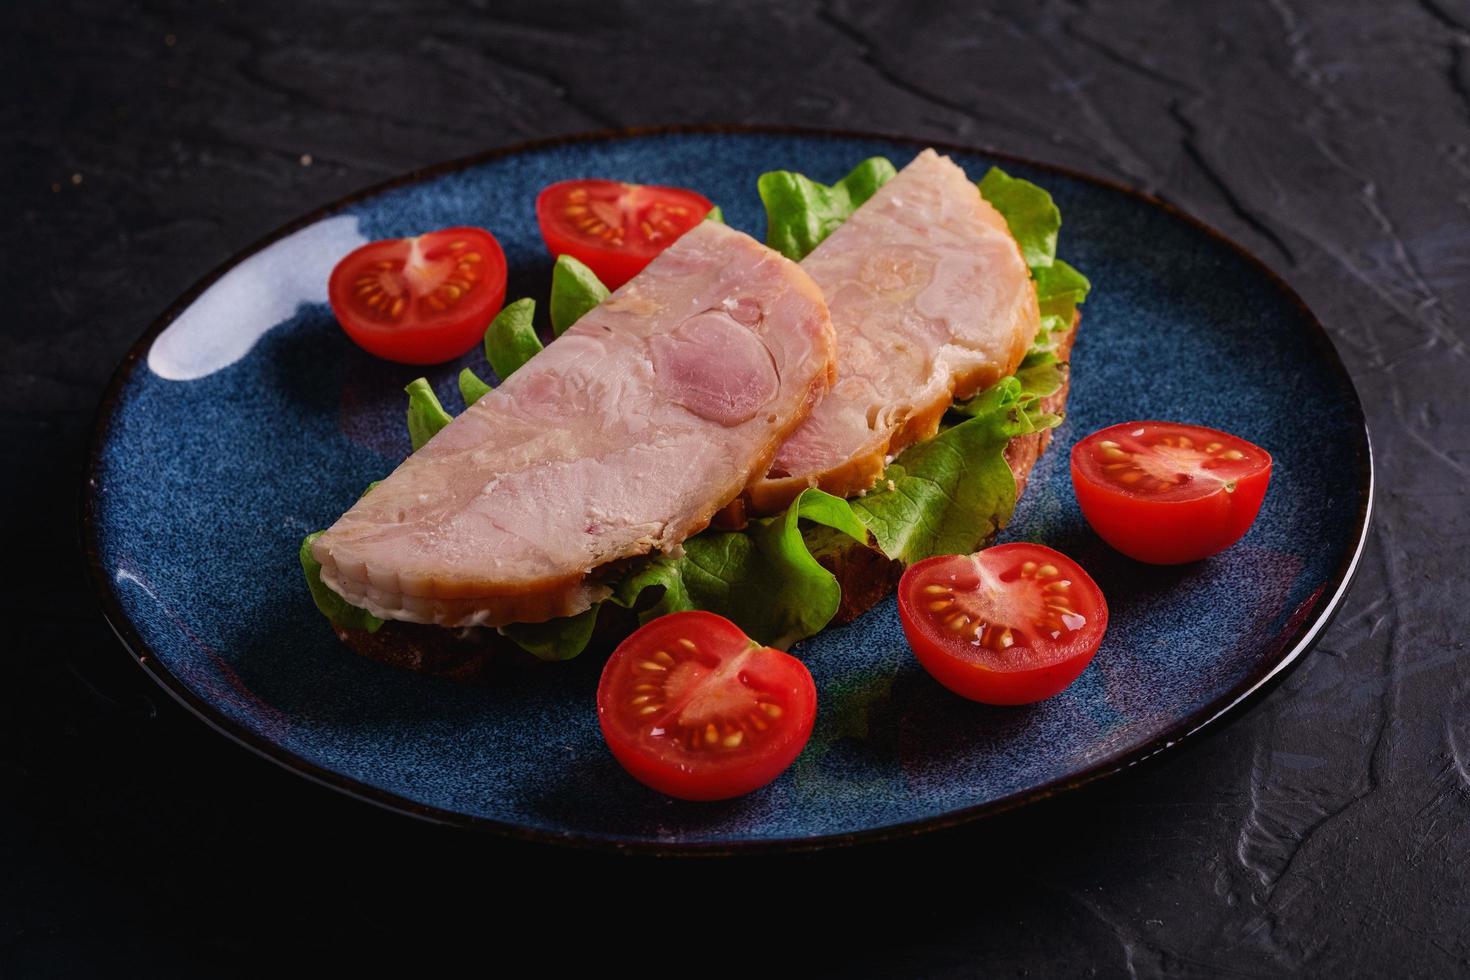 sandwich con carne de jamón de pavo y tomates secundarios foto